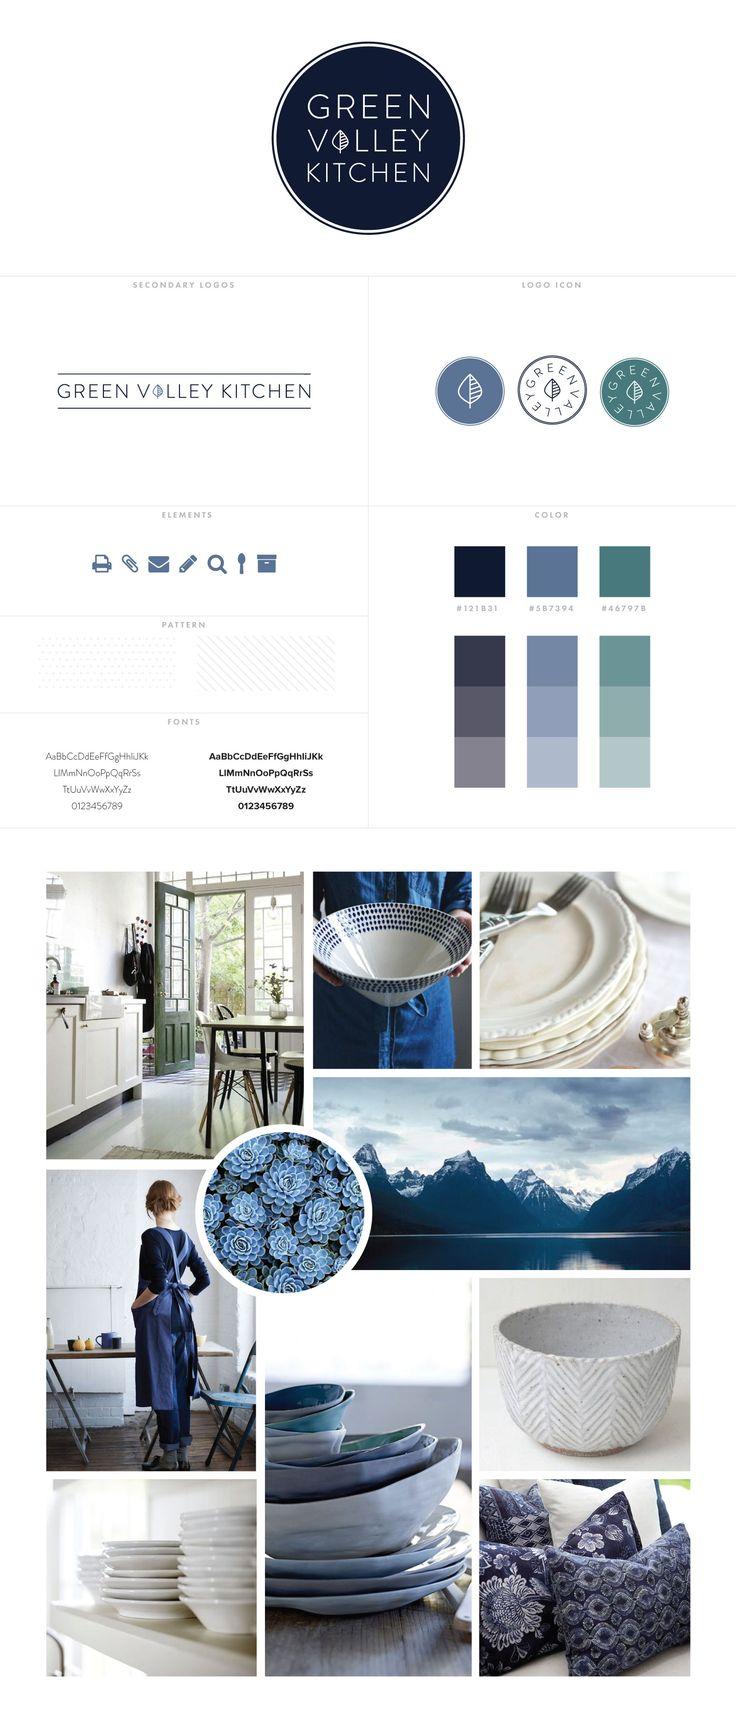 Diseño de Blog - Branding. Comida vegetariana